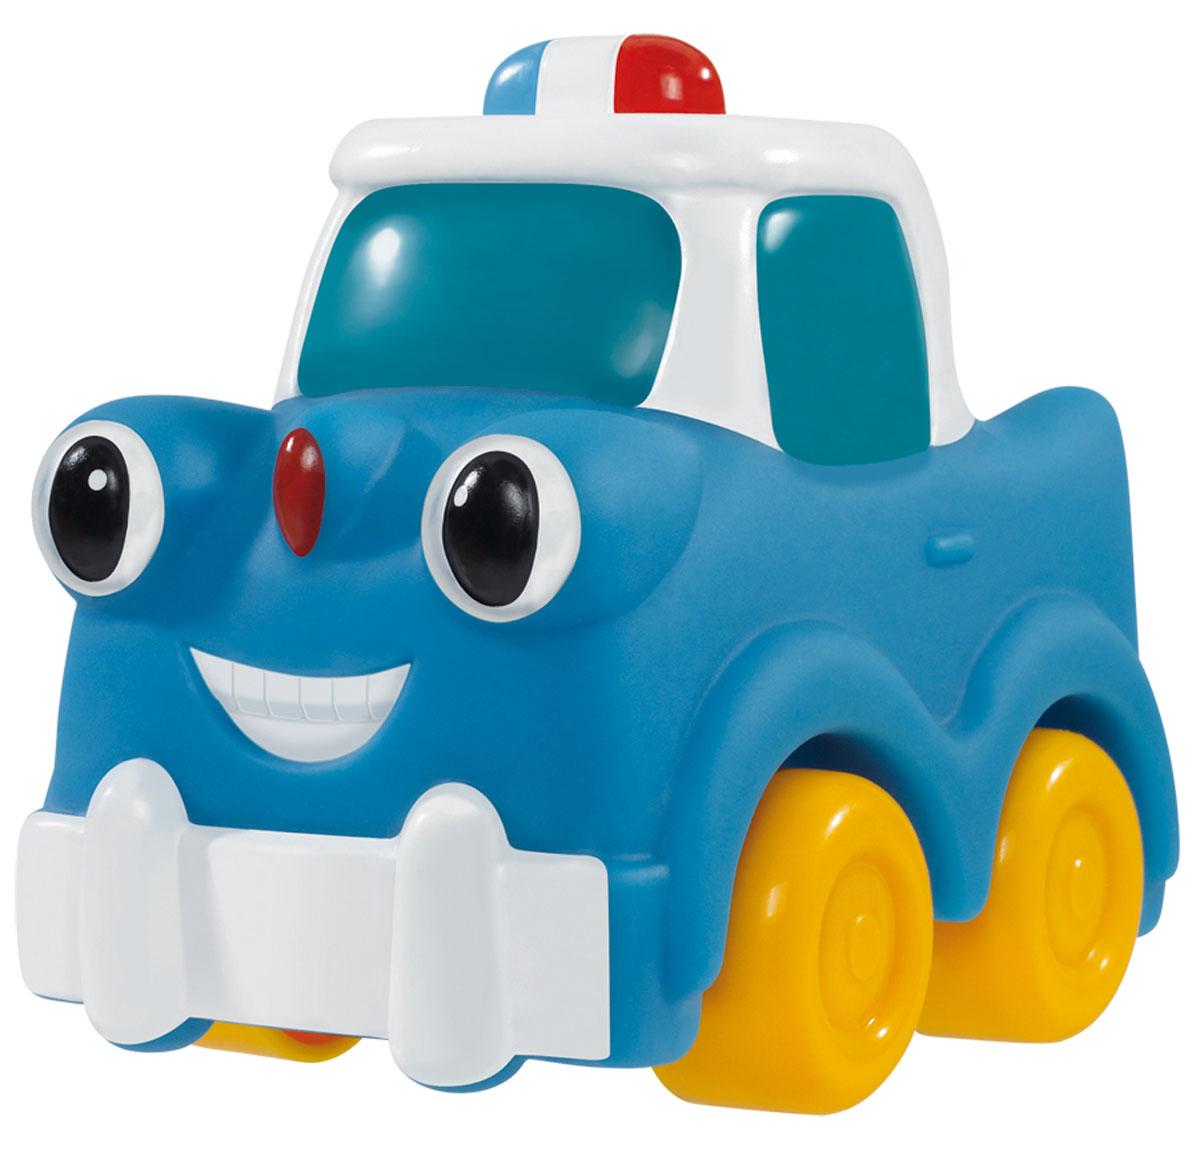 Simba Машинка цвет синий4019687_синийКрасочные машинки Simba обязательно привлекут внимание вашего малыша. Фары машинки представлены в виде больших глазок, а на бампере изображена радостная улыбка. Игрушка имеет обтекаемую форму. Игрушка выполнена из качественного безопасного пластика, имеют форму без острых углов. Крупные колеса позволят малышу легко катать машинку по любой поверхности. Игрушка развивает цветовое восприятие, воображение, подвижность, мелкую и крупную моторику рук.